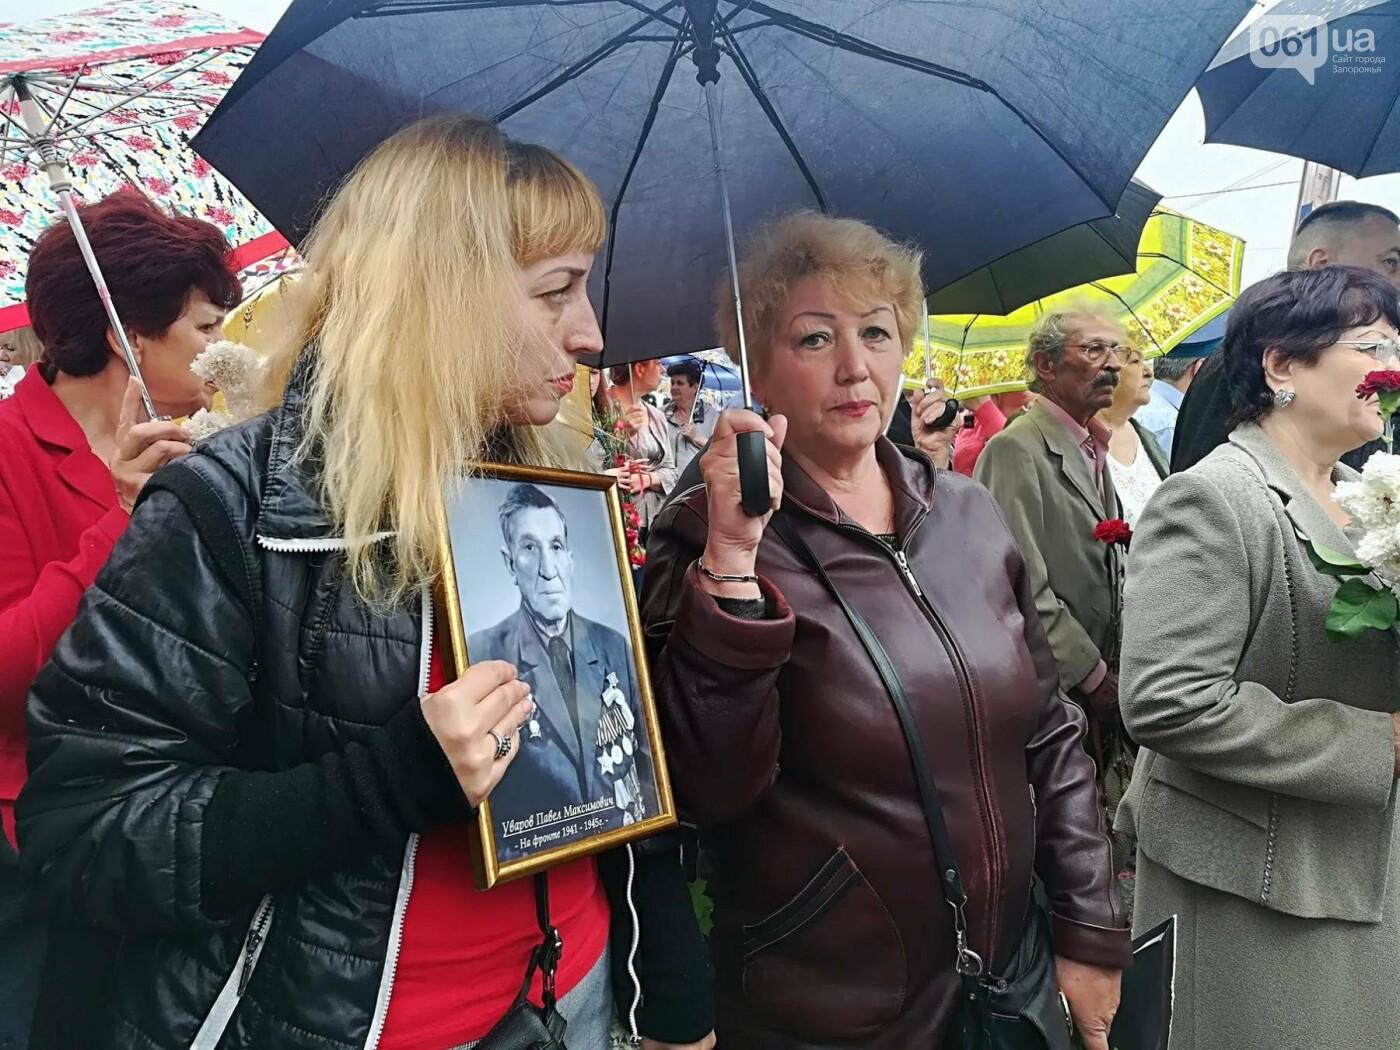 В Мелитополе митинг Балицкого закончился дракой - полиция просила снять георгиевские ленты, - ФОТО, ВИДЕО, фото-5